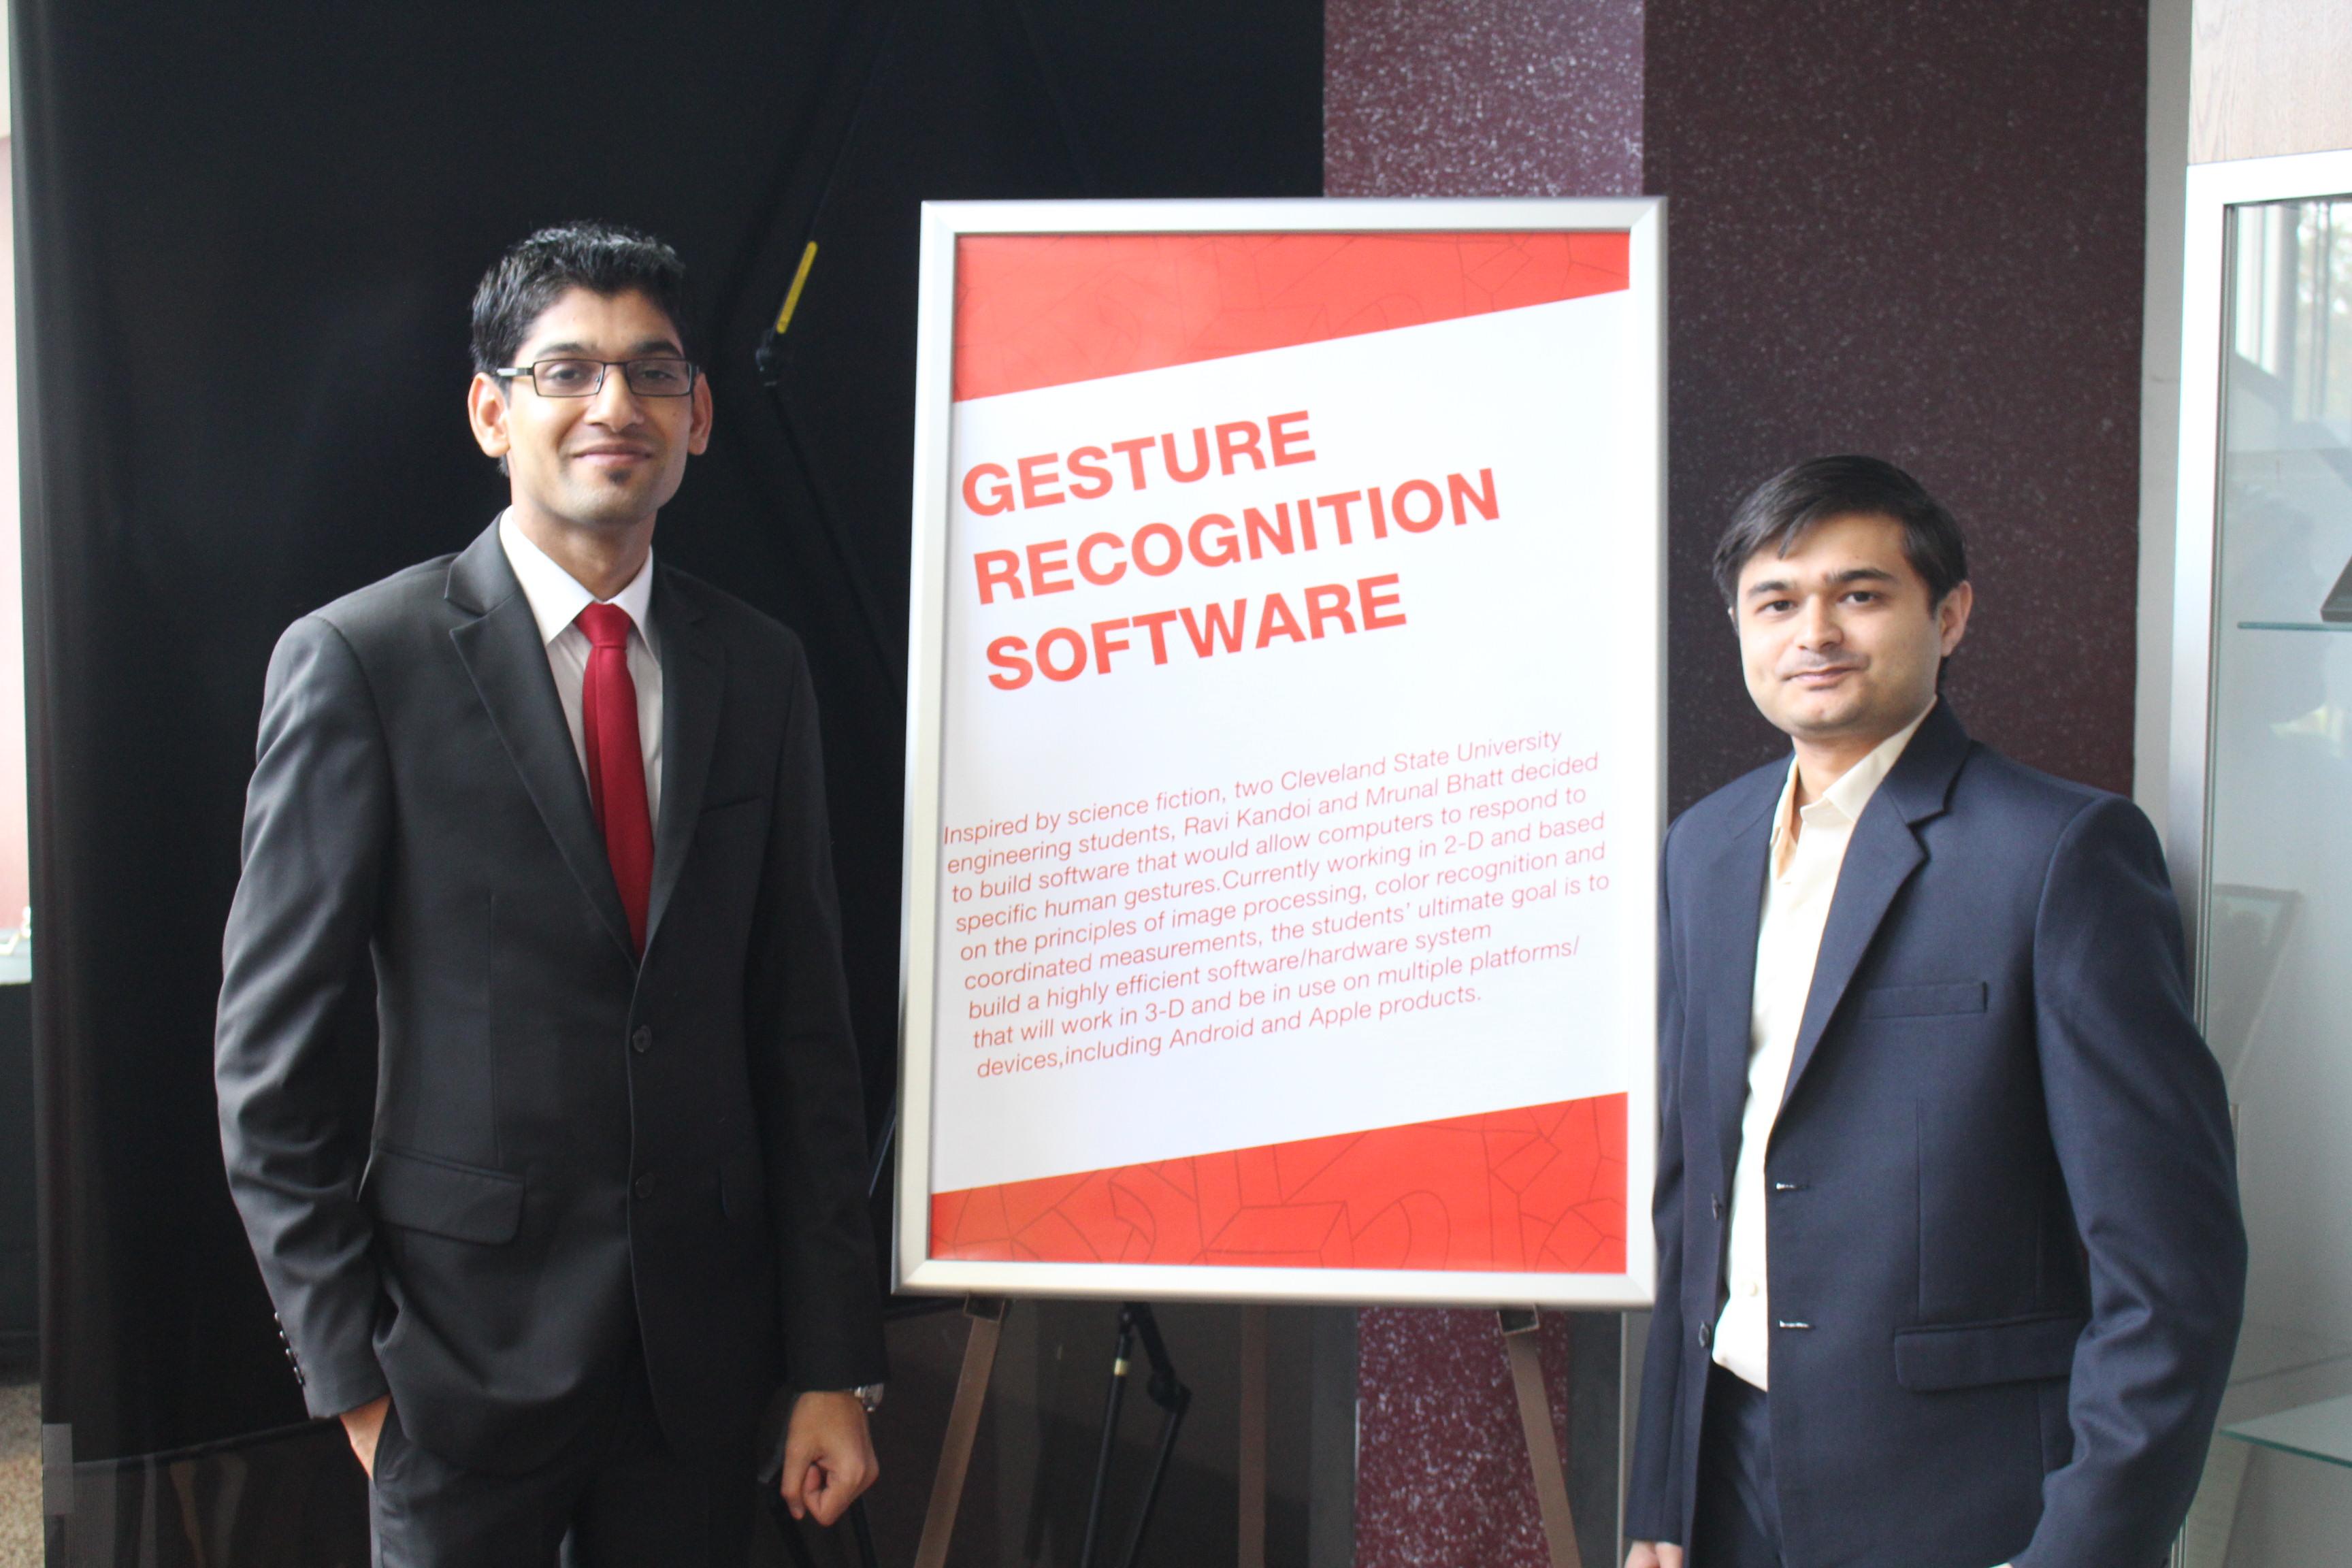 Ravi Kandoi (Washkewicz College of Engineering) and Mrunal Bhatt (Monte Ahuja College of Business)